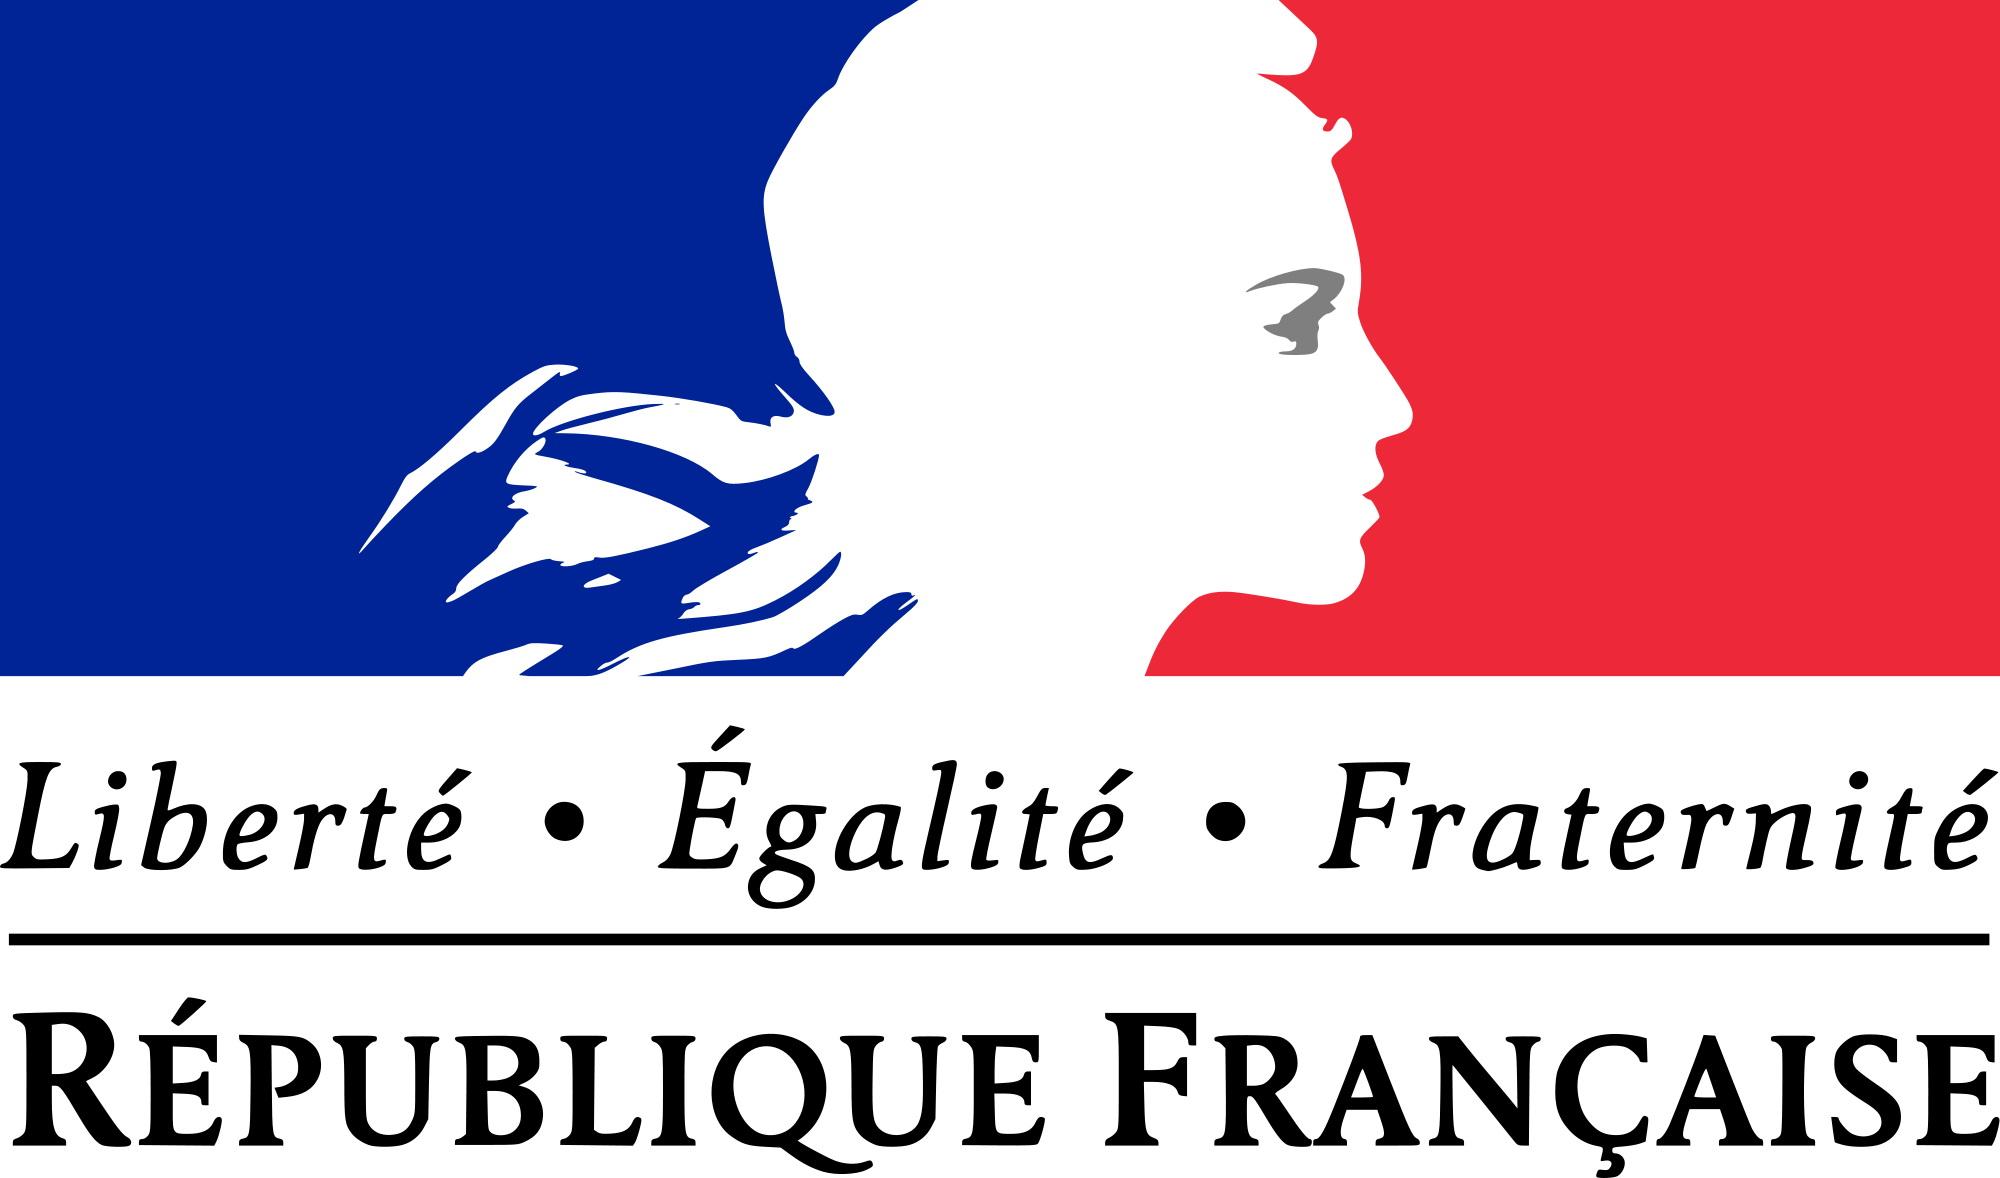 république francaise logo https://www.gouvernement.fr/